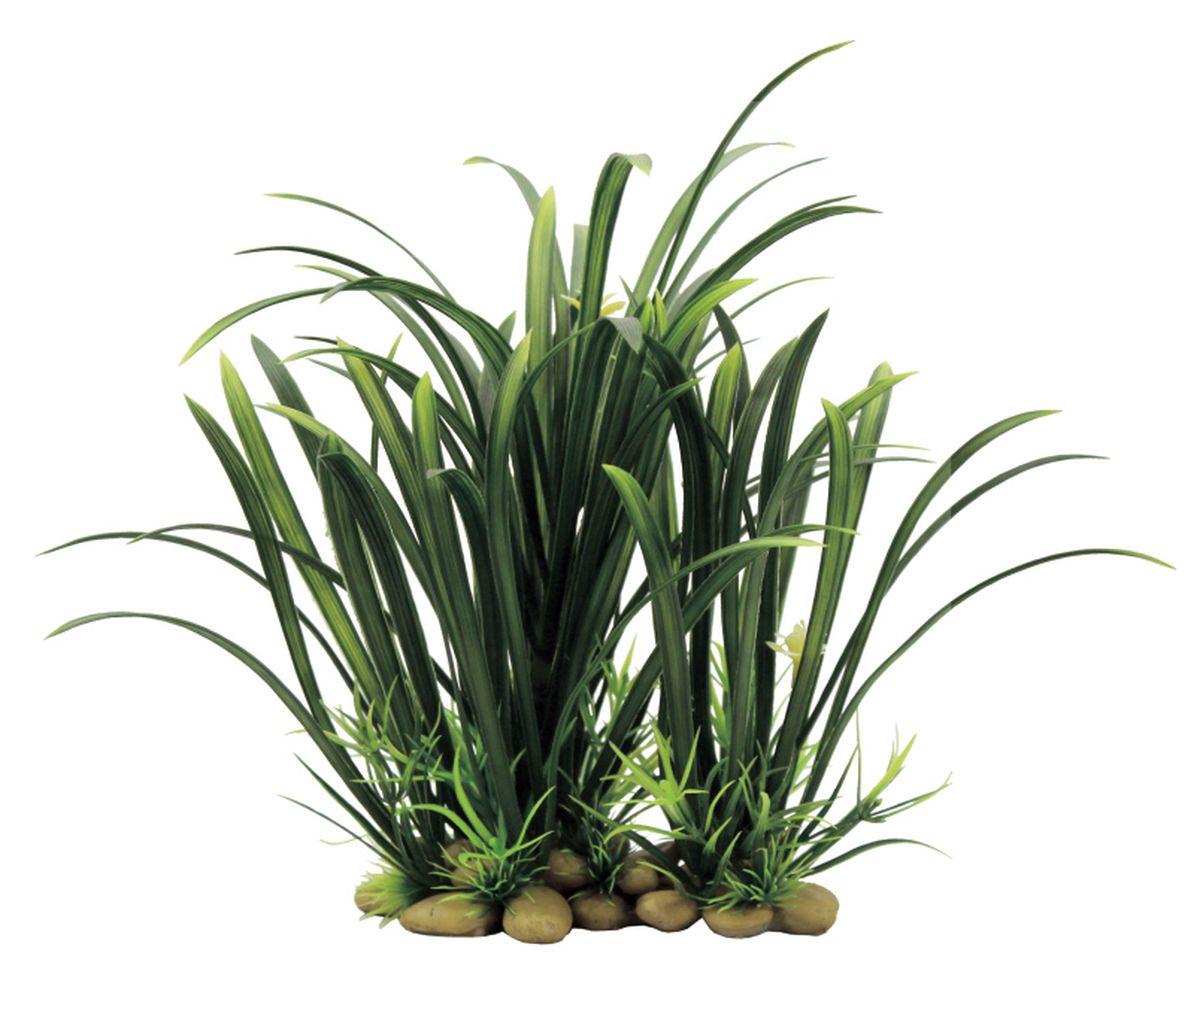 Растение для аквариума ArtUniq Офиопогон, 21 x 16 x 8 смART-1130605Композиция из искусственных растений ArtUniq превосходно украсит и оживит аквариум.Растения - это важная часть любой композиции, они помогут вдохнуть жизнь в ландшафт любого аквариума или террариума. А их сходствос природными порадует даже самых взыскательных ценителей.